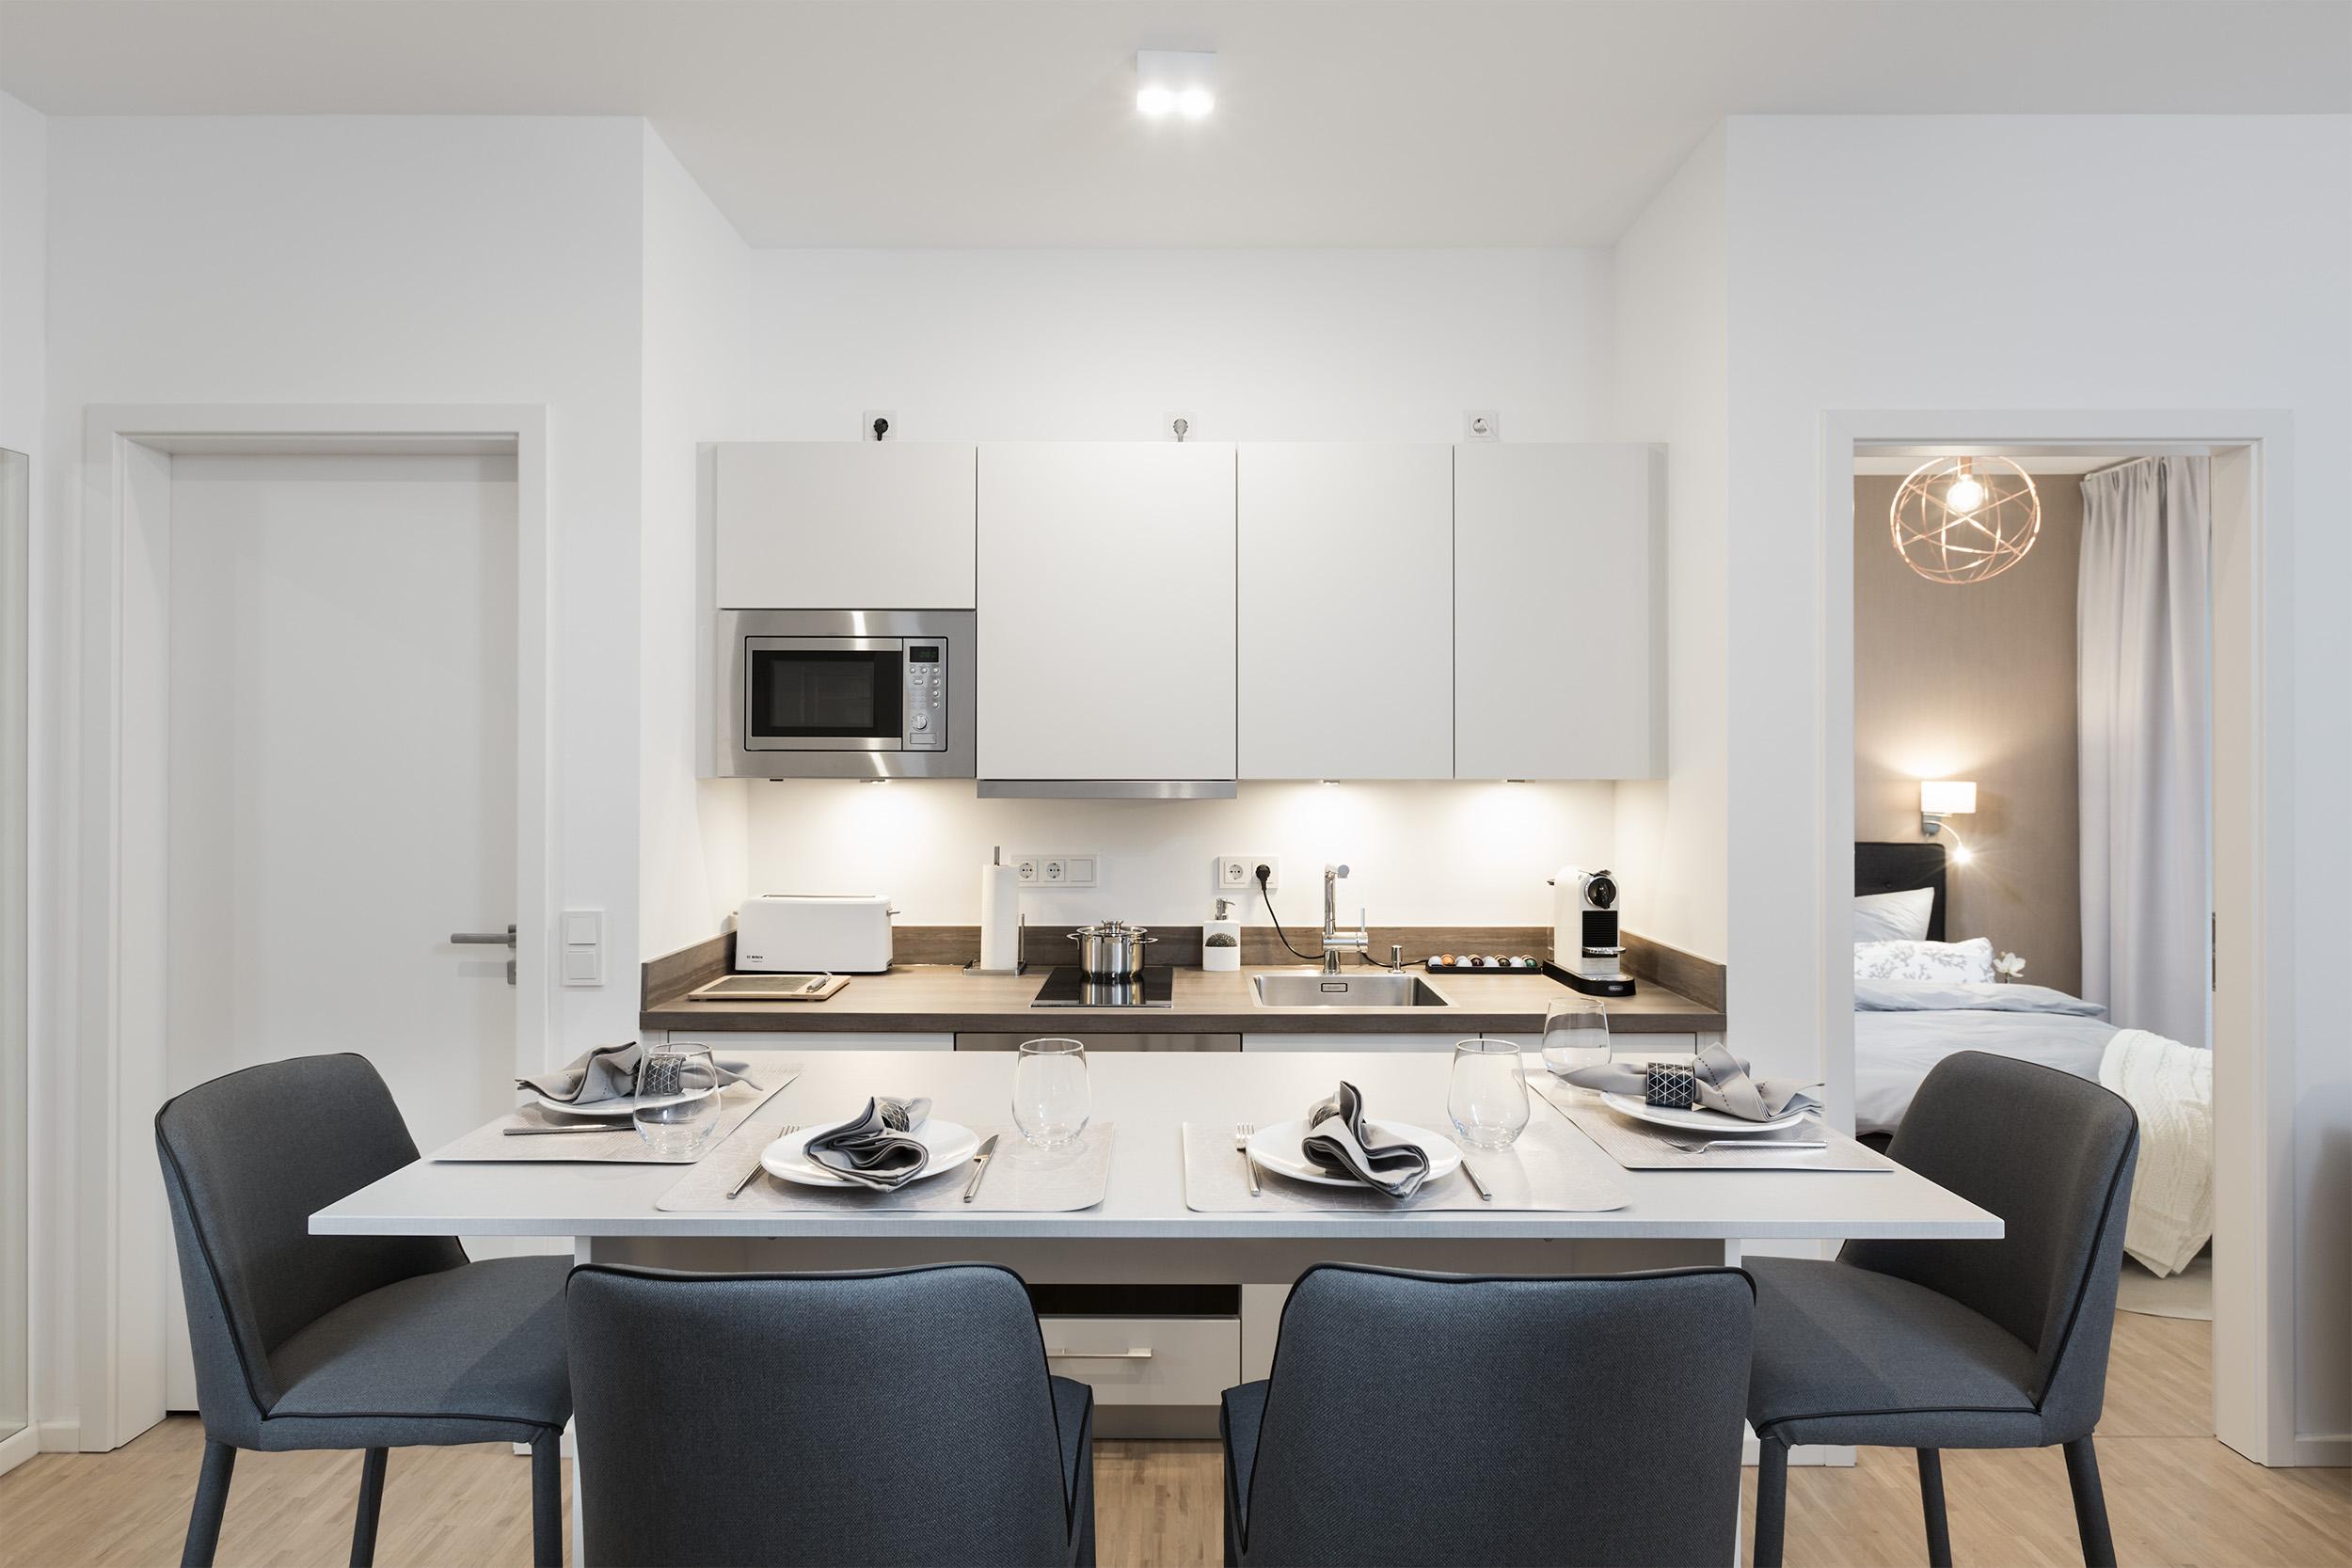 re-vamp+möbliertes+Mikropapartment+WE+145+Küche.jpg